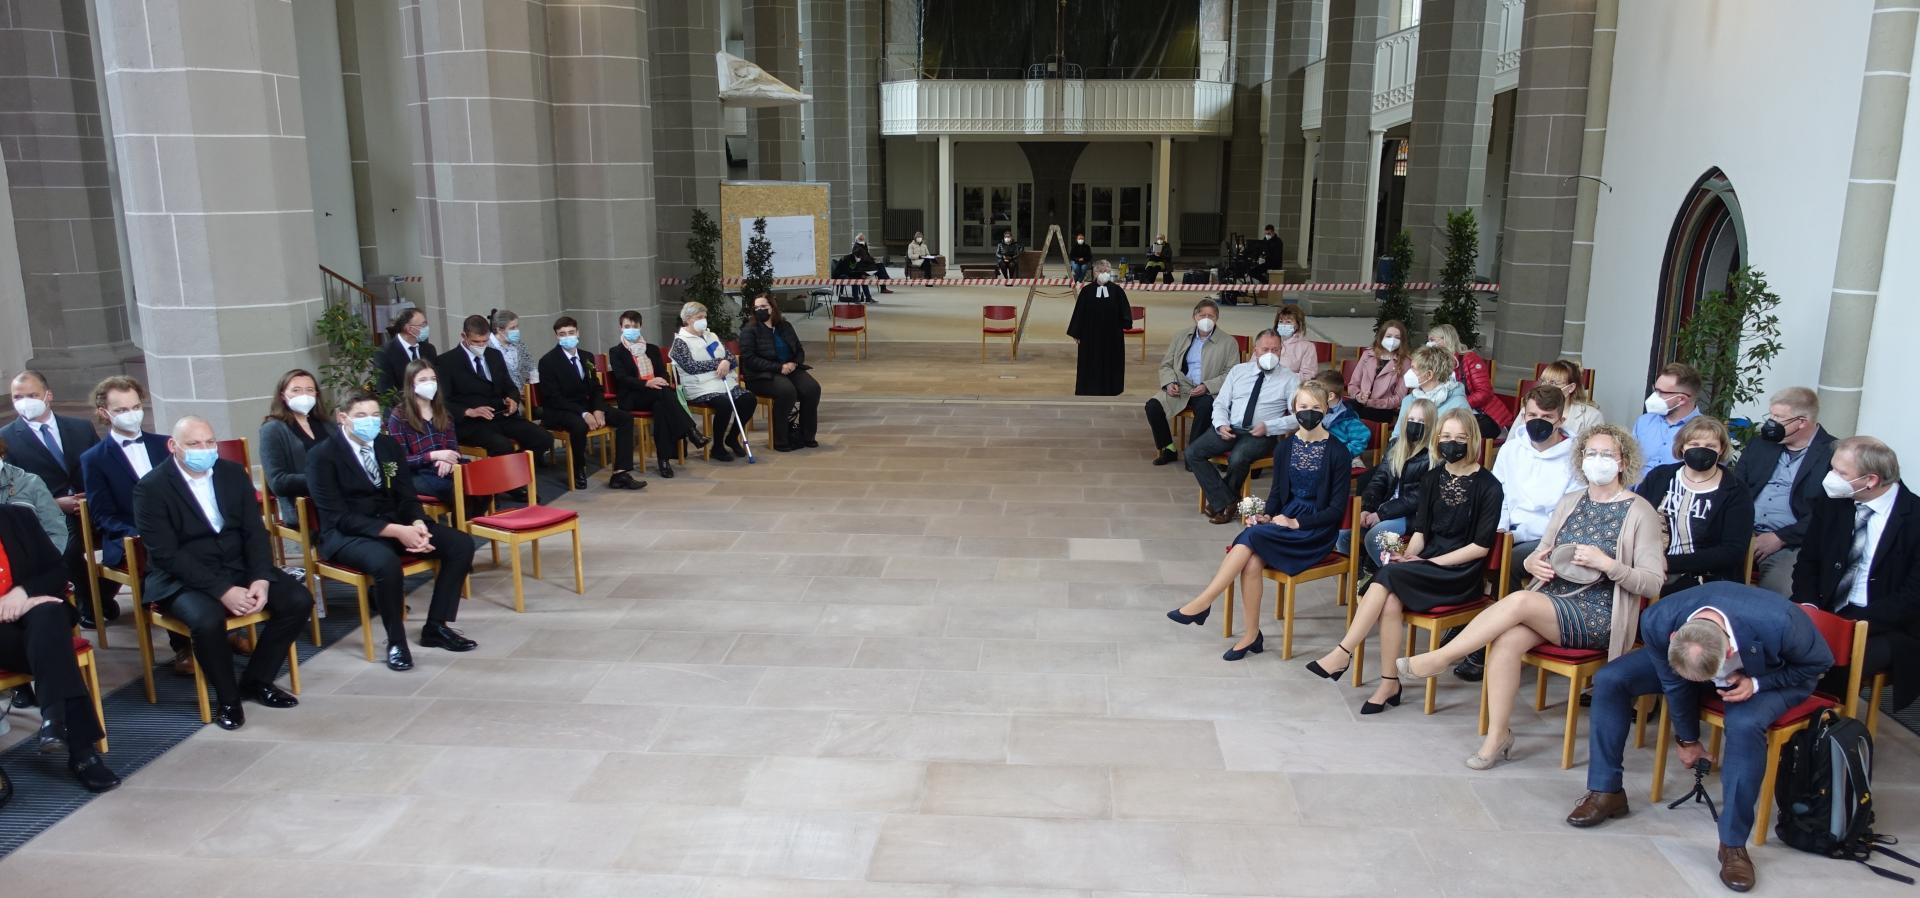 Pastorin Karin Gerken-Heise leitete am ersten Wochenende im Mai die Konfirmationen; die einzelnen Familien saßen im Abstand und bemundschutzt im Chorraum